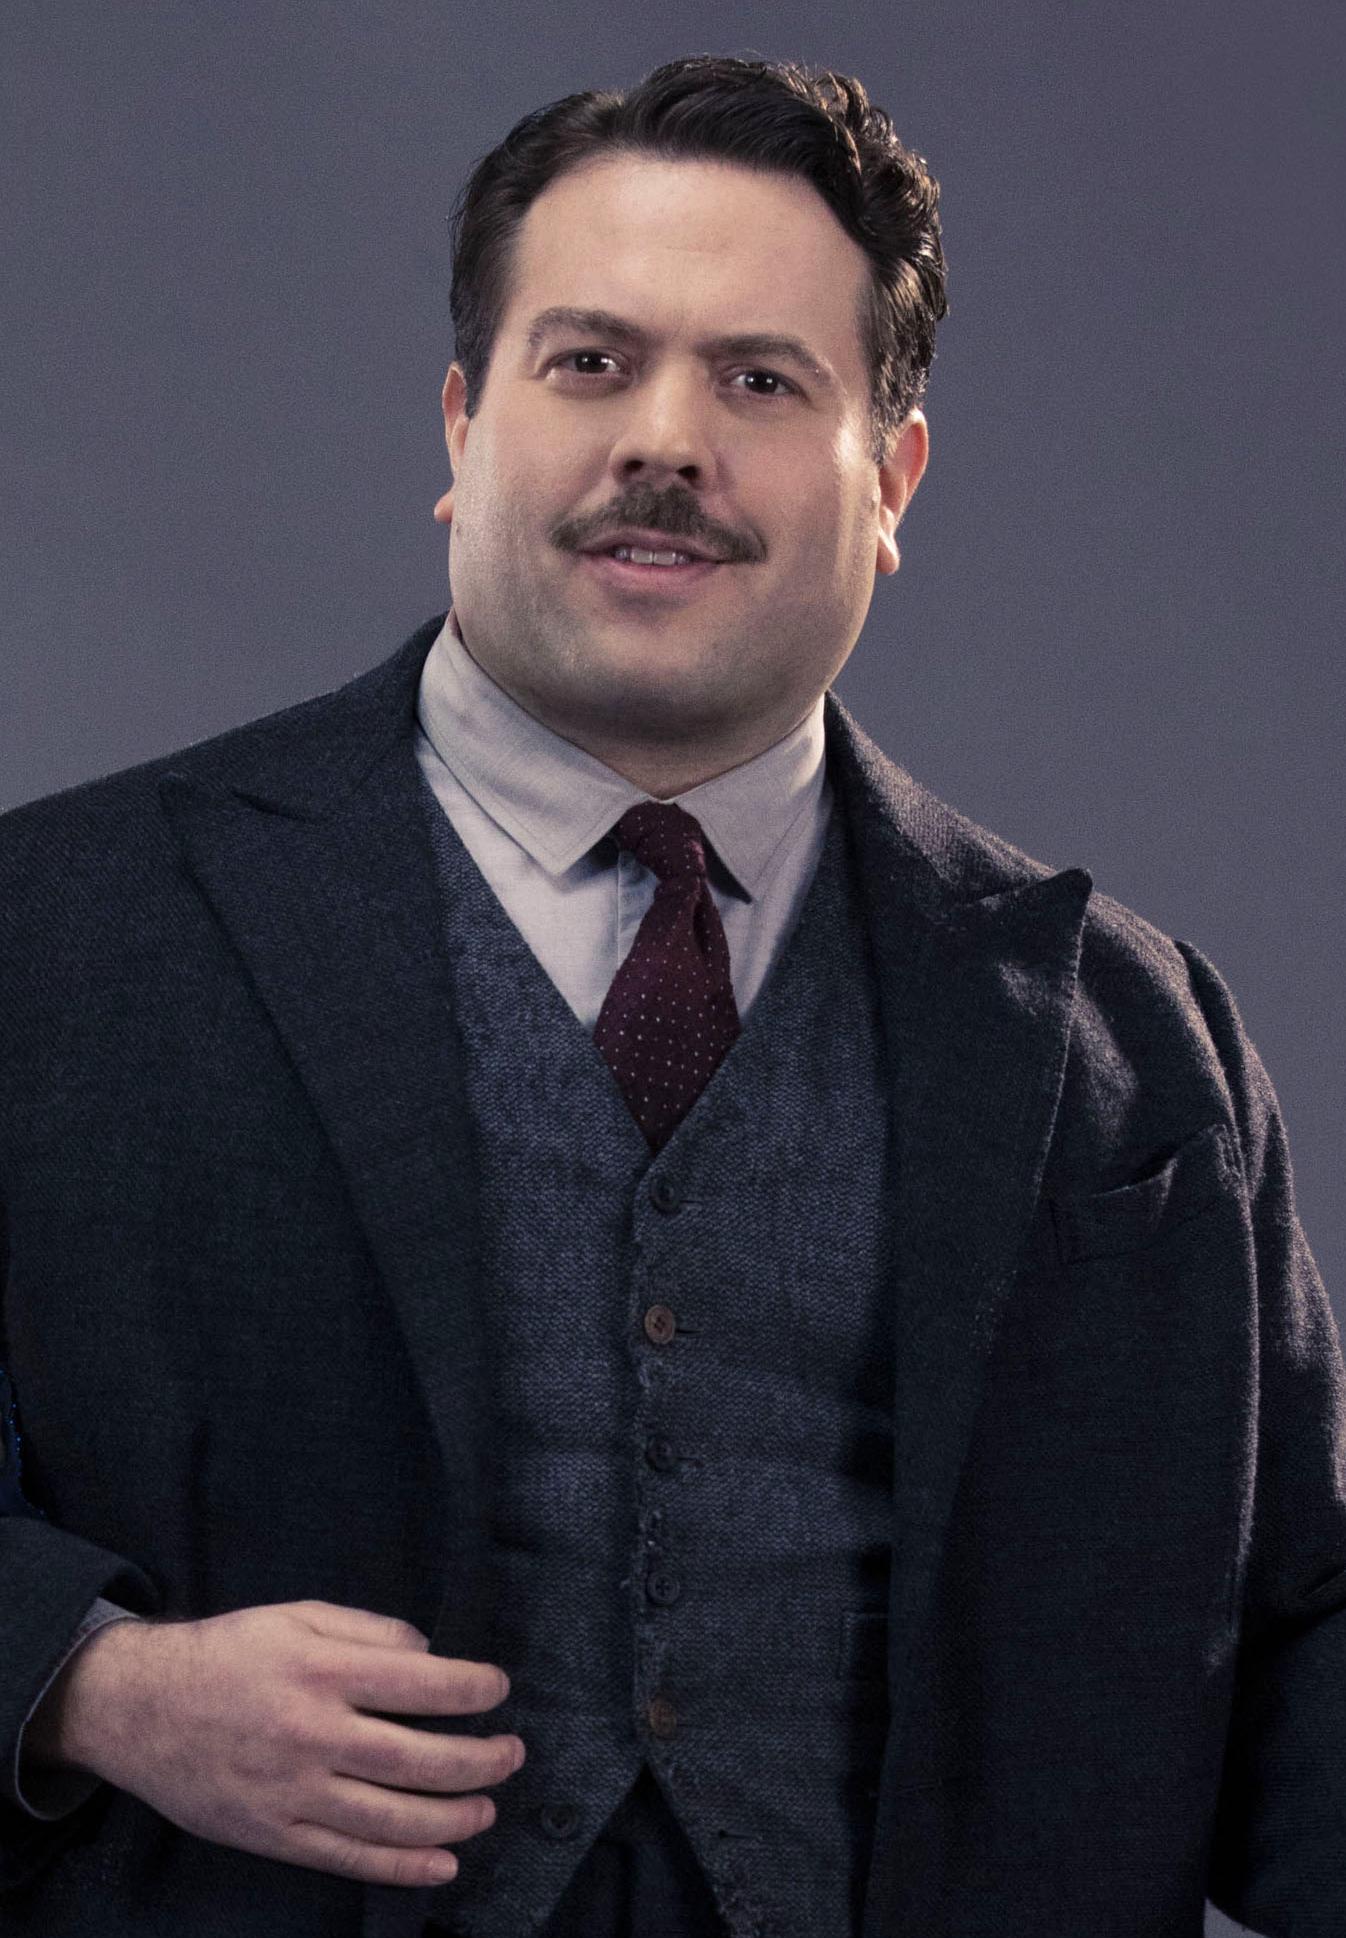 Jacob Kowalski